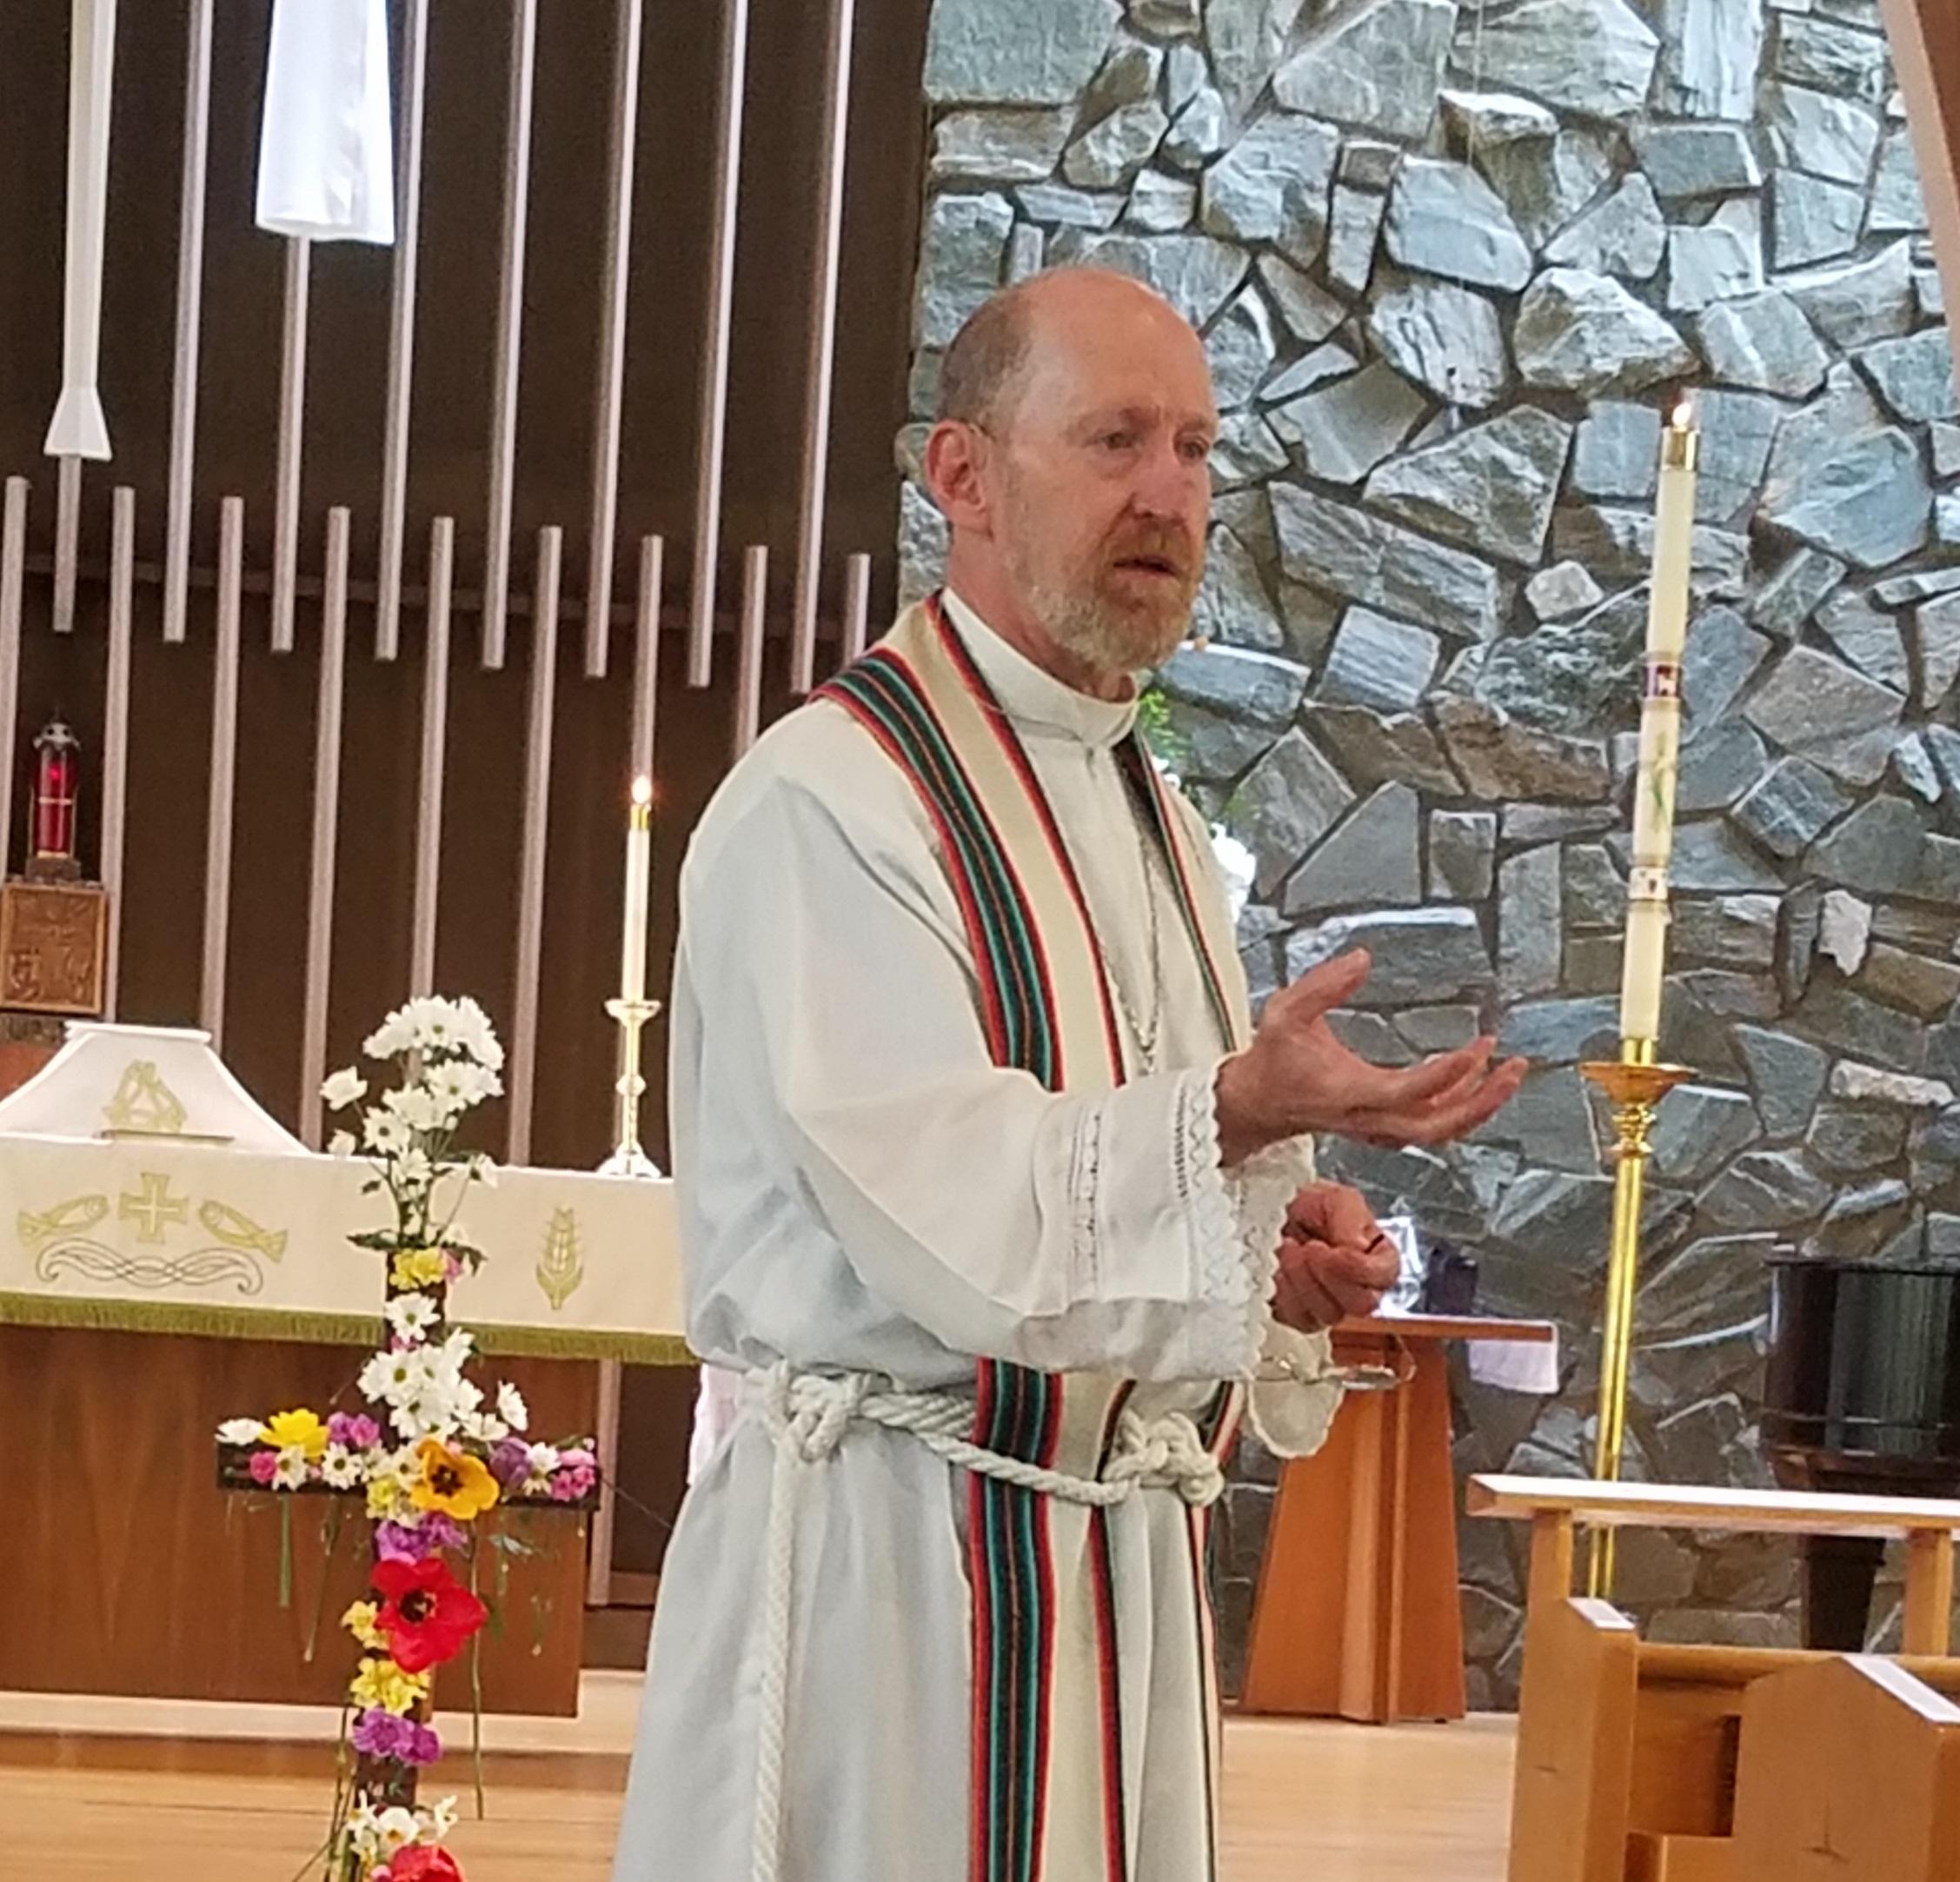 Fr. Paul Moore